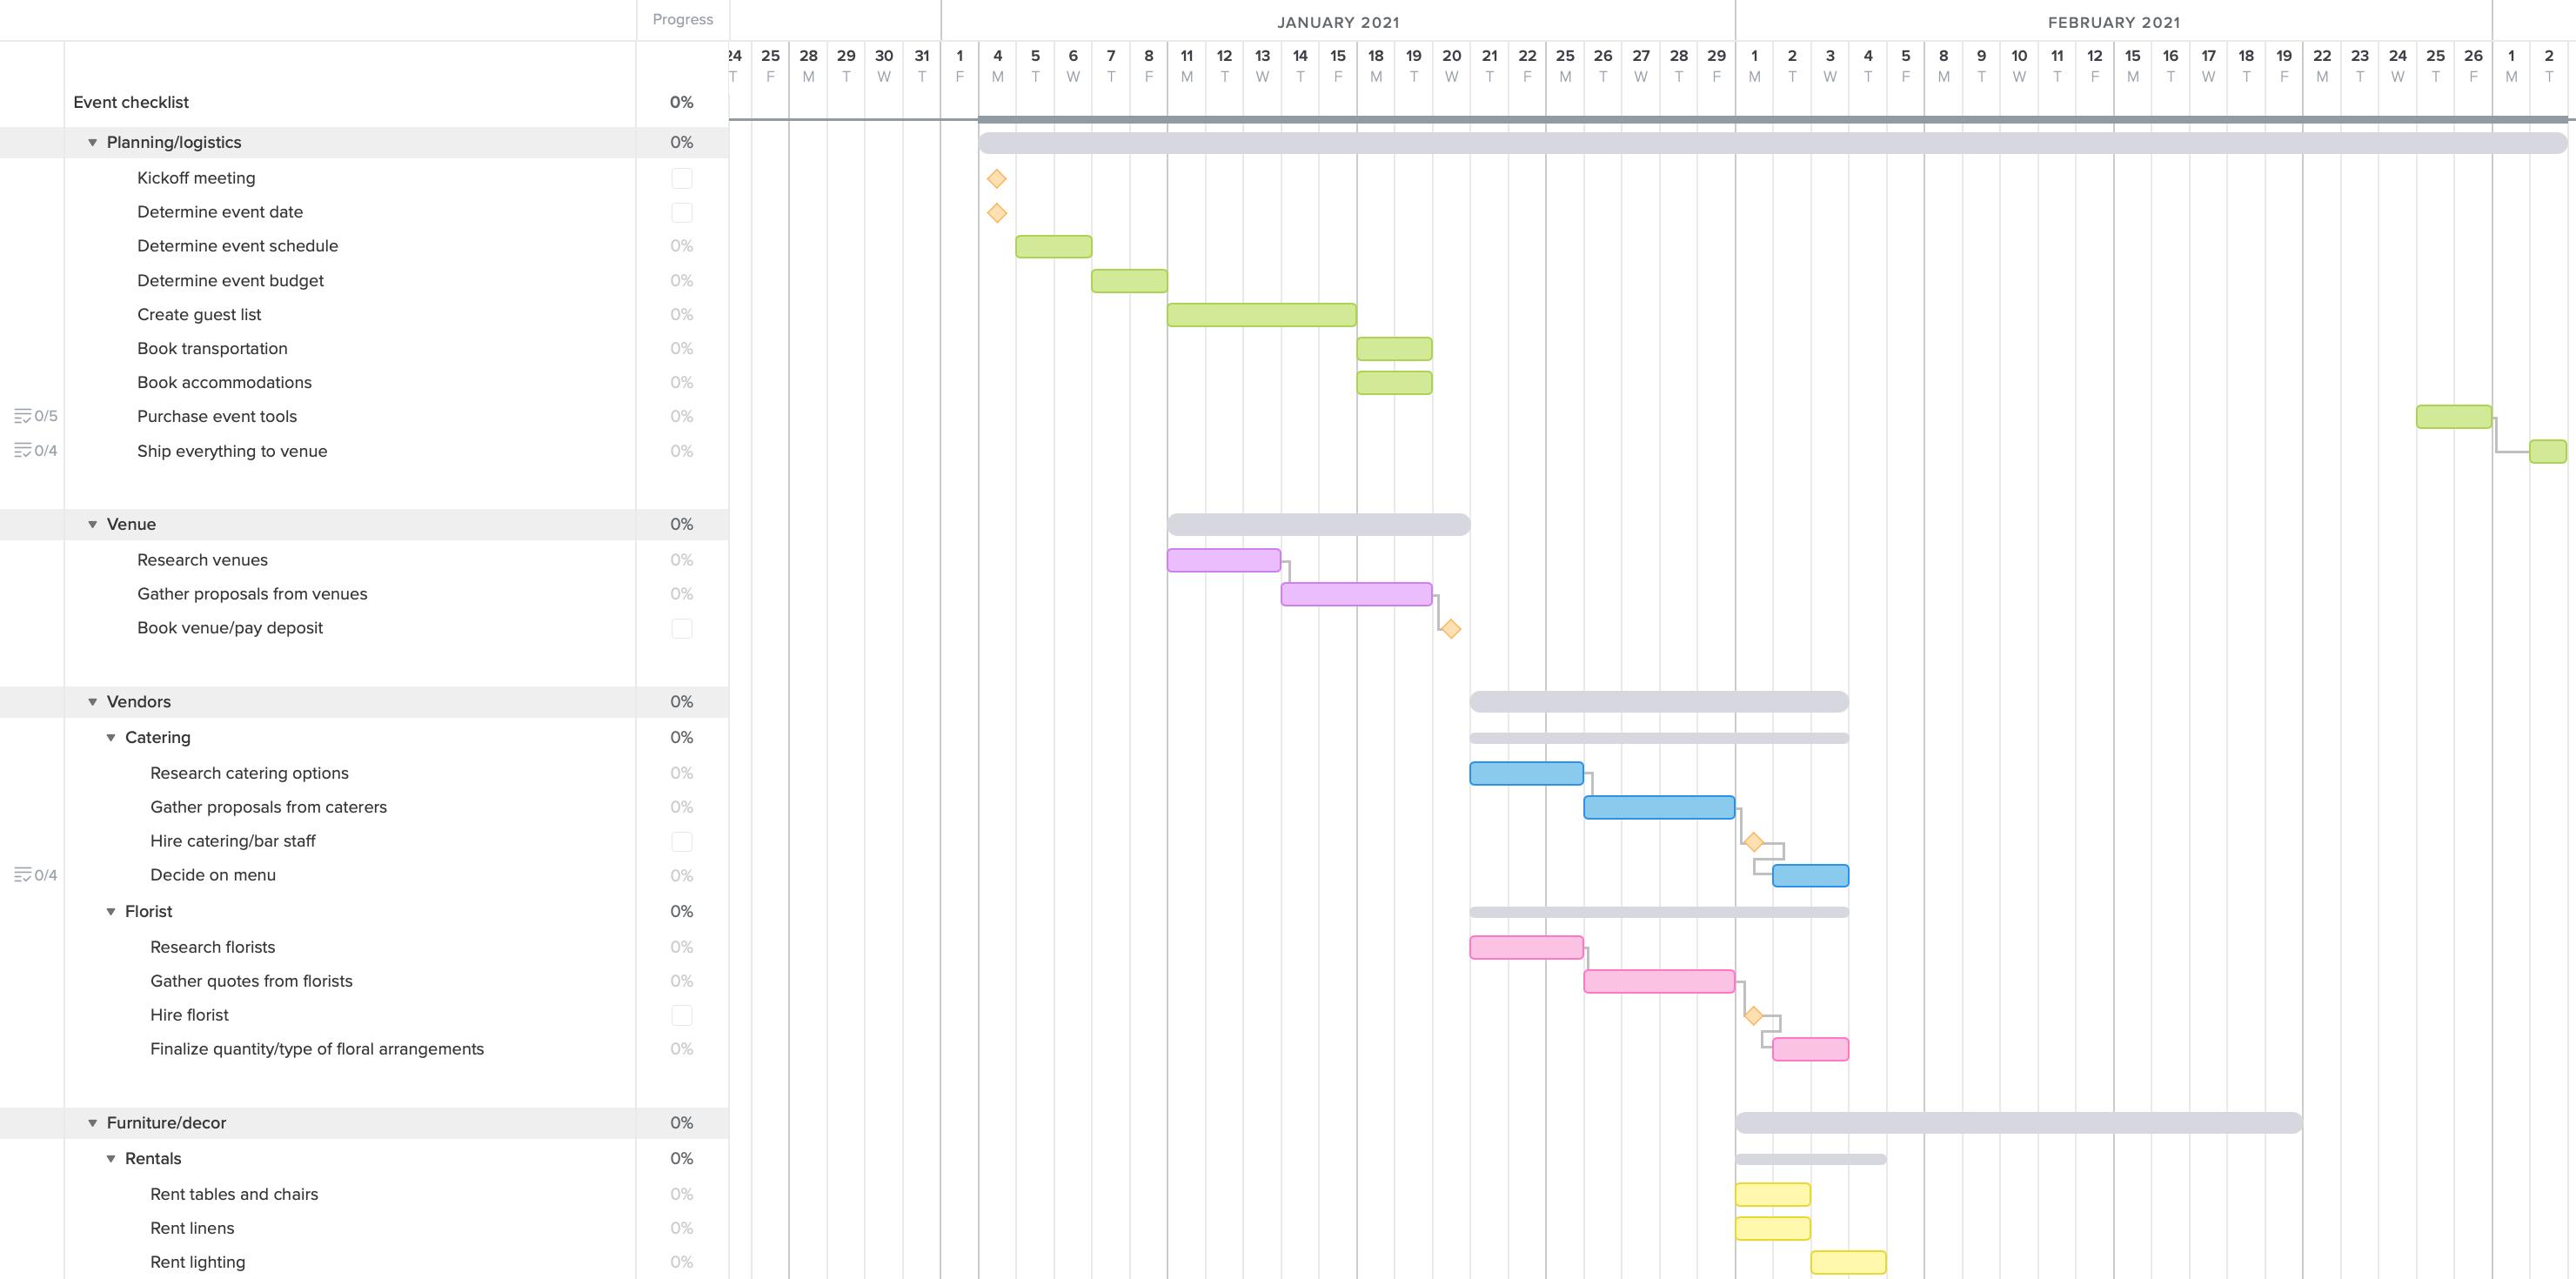 Exemplo de gráfico de gantt de planejamento de eventos com marcos para rastrear prazos e decisões importantes